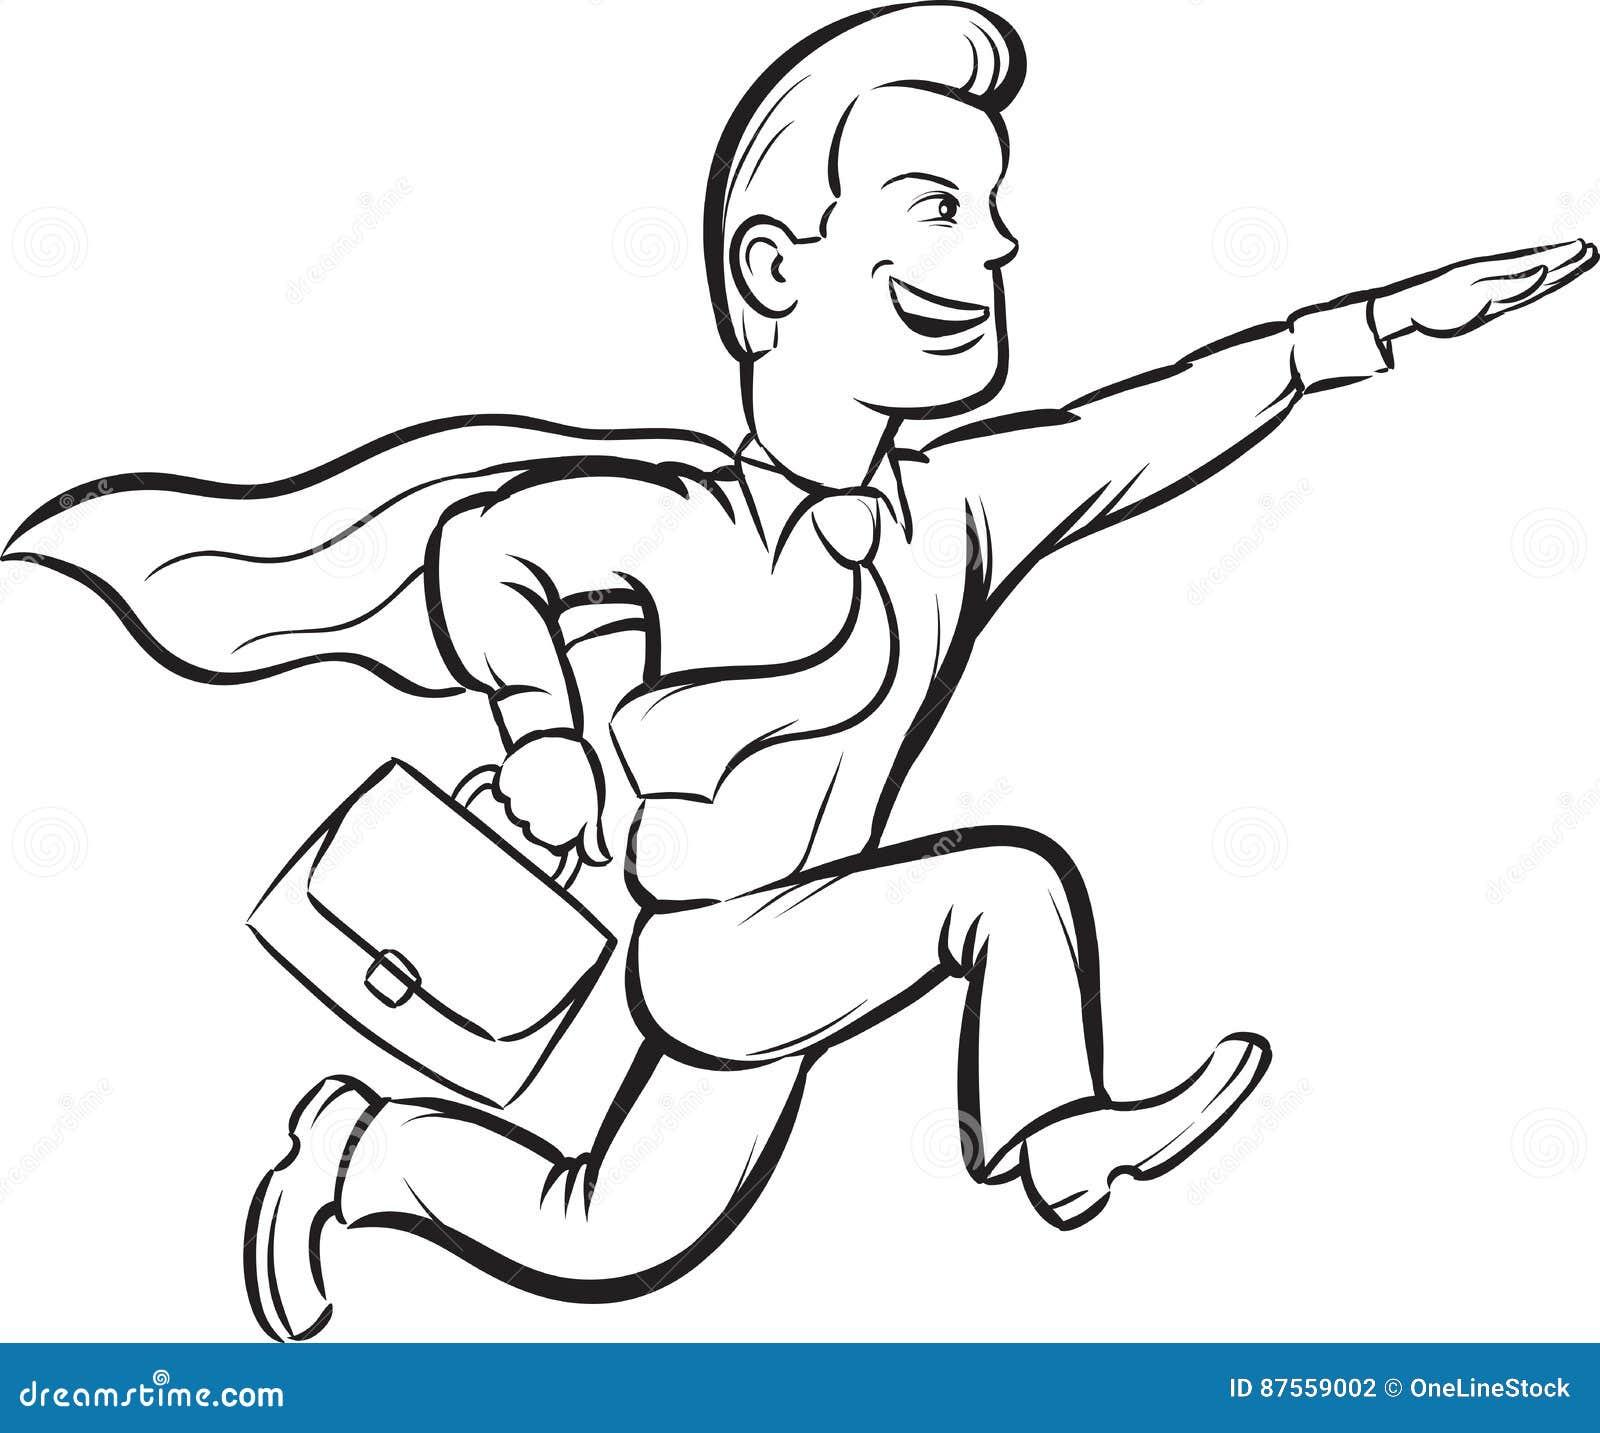 Increíble Superhombre Para Colorear Libro Molde - Dibujos Para ...